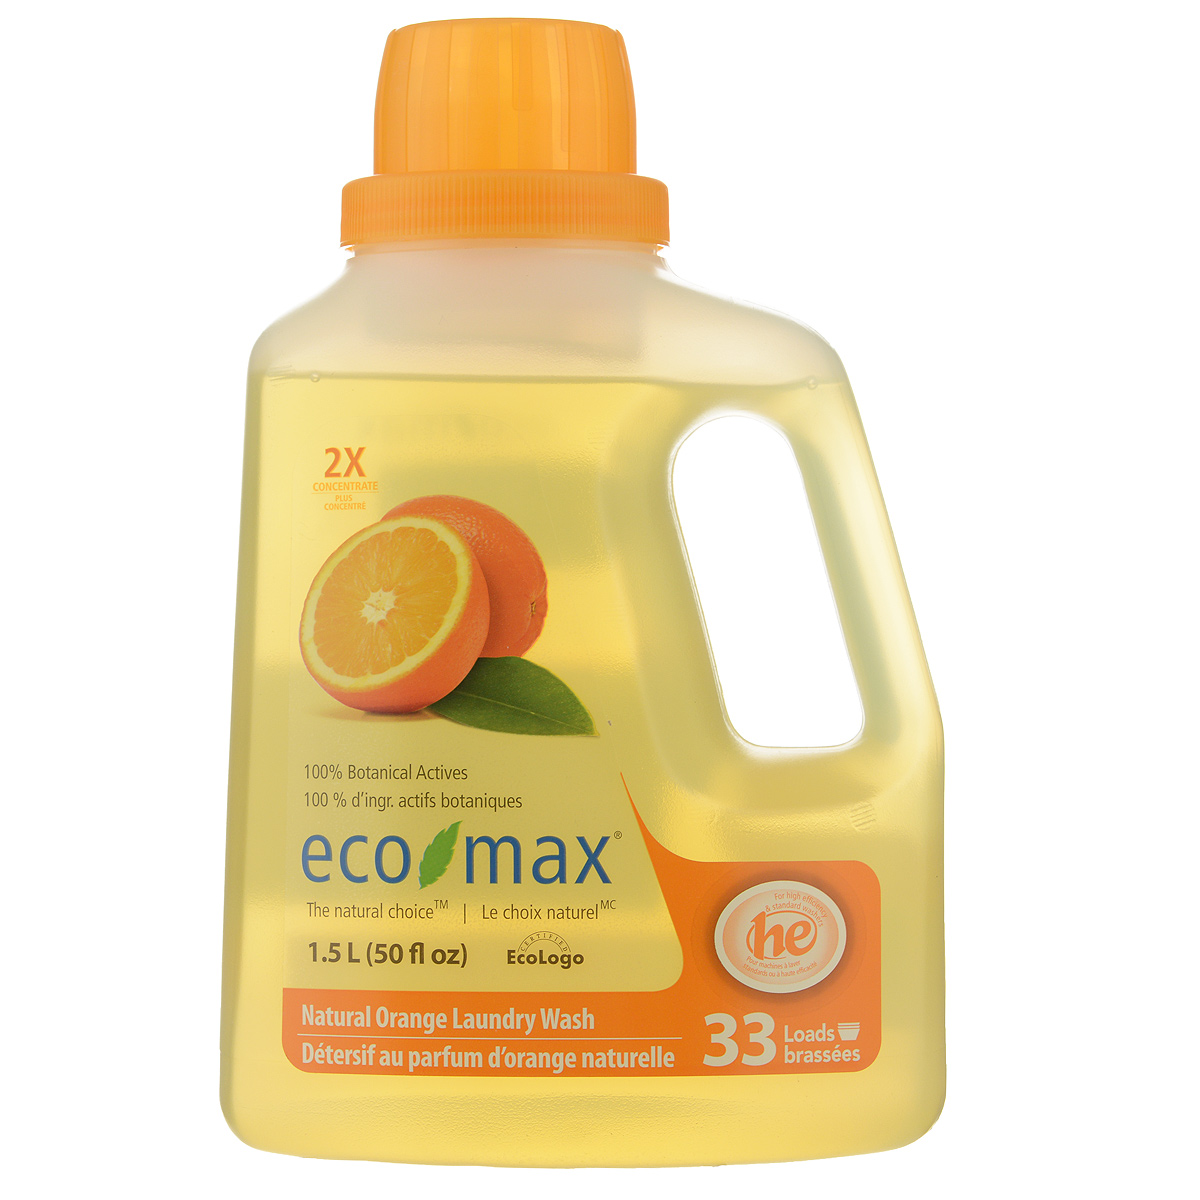 Жидкое средство для стирки Eco Max Апельсин, концентрированное, 1,5 л15114923Жидкое средство для стирки Eco Max Апельсин - полностью натуральное, на растительной основе средство для стирки с освежающим апельсиновым ароматом. Благодаря низкому пенообразованию и отсутствию осадка безопасно для использования в стиральной машине. Нетоксично, без осадка, безопасно для детской одежды. В этом средстве используются активные чистящие вещества ингредиентов, полученных из биоразлагаемых и возобновляемых растительных источников. Экономично: одного флакона хватает на 50 стирок. Подходит для ручной и машинной стирки, для всех типов ткани. Состав: вода, растительные алкилполигликозиды (из кокосового масла и кукурузного сиропа), пищевая лимонная кислота, пищевой цитрат натрия, пищевой загуститель на основе целлюлозы и пищевой сорбат калия в качестве консерванта, натуральное эфирное масло апельсина. Товар сертифицирован.